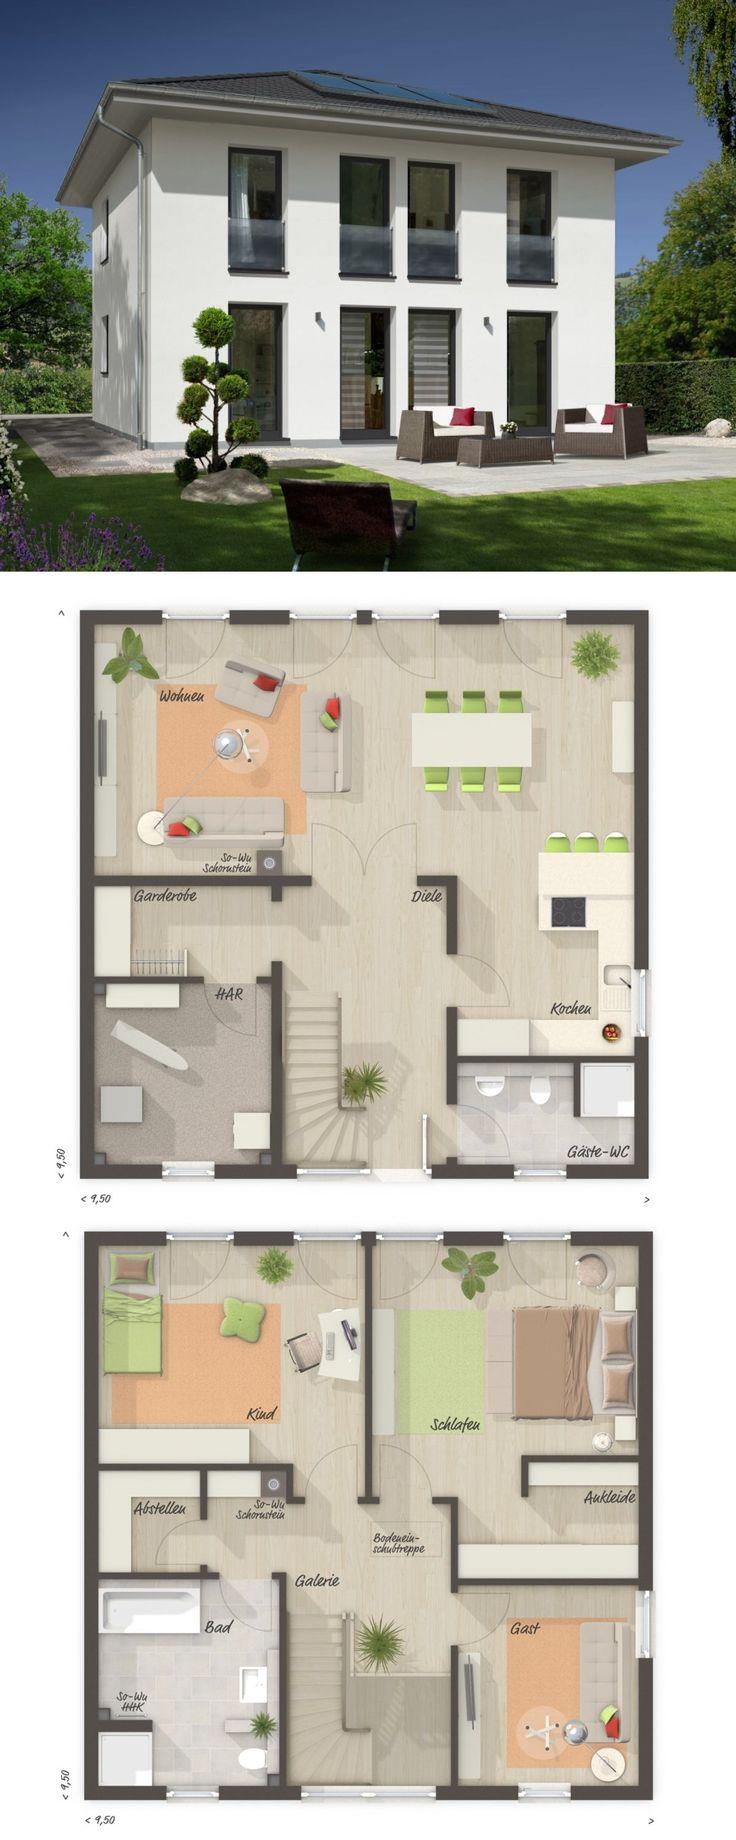 Stadtvilla modern mit Zeltdach Architektur & 4 Zim…